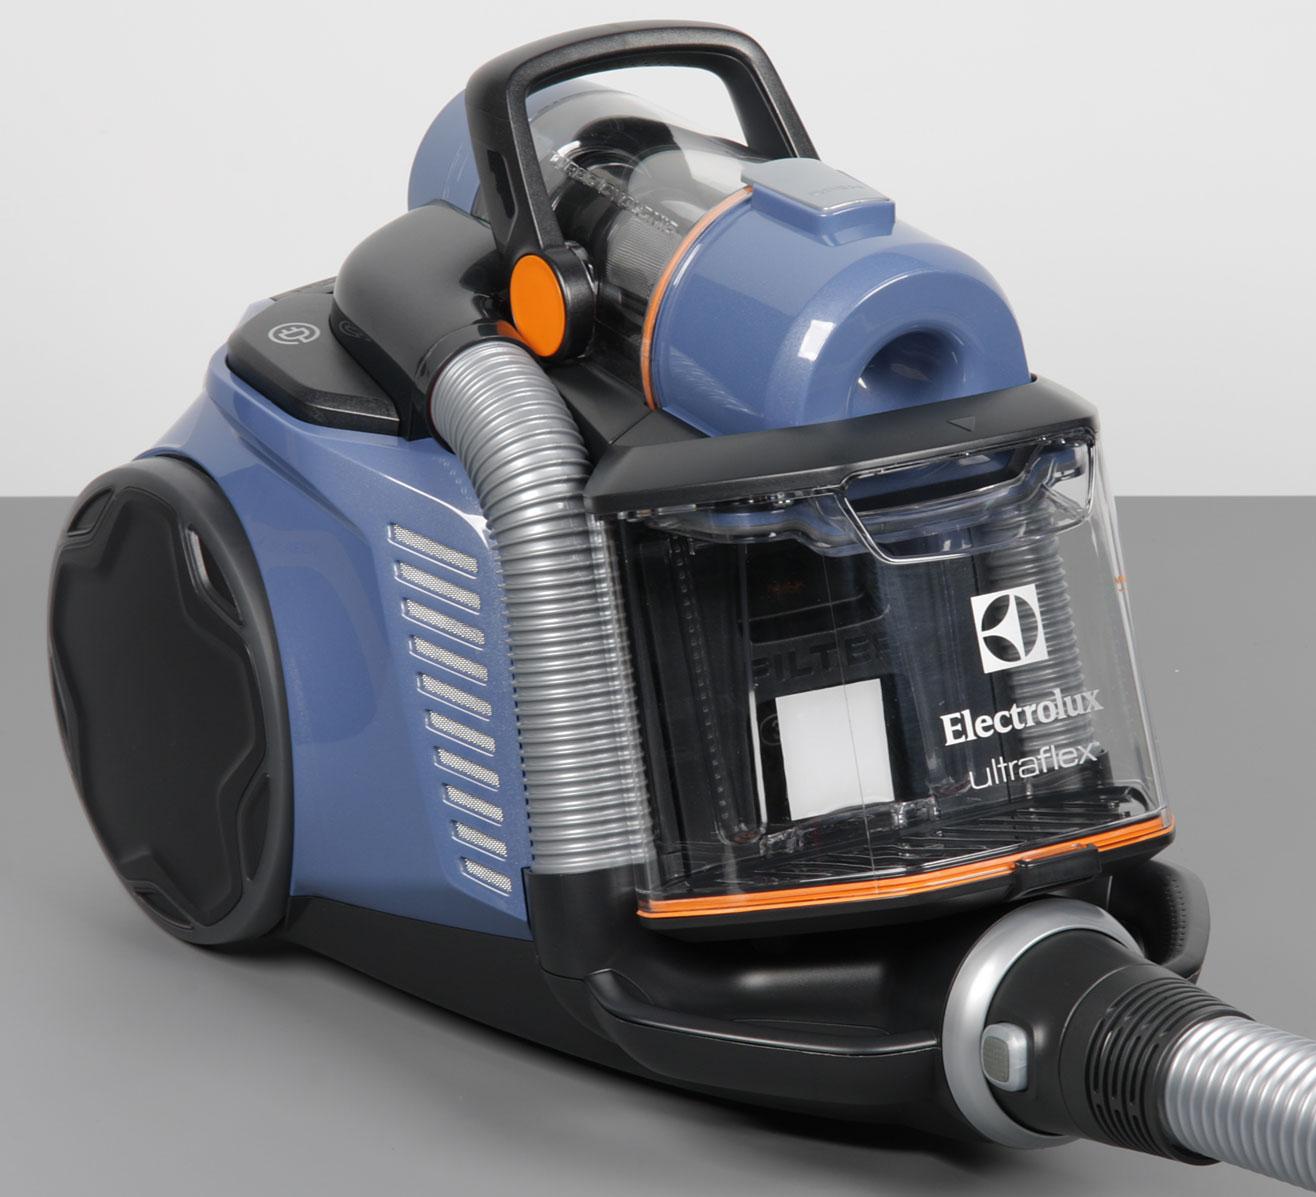 Какие параметры влияют на выбор пылесосов Electrolux